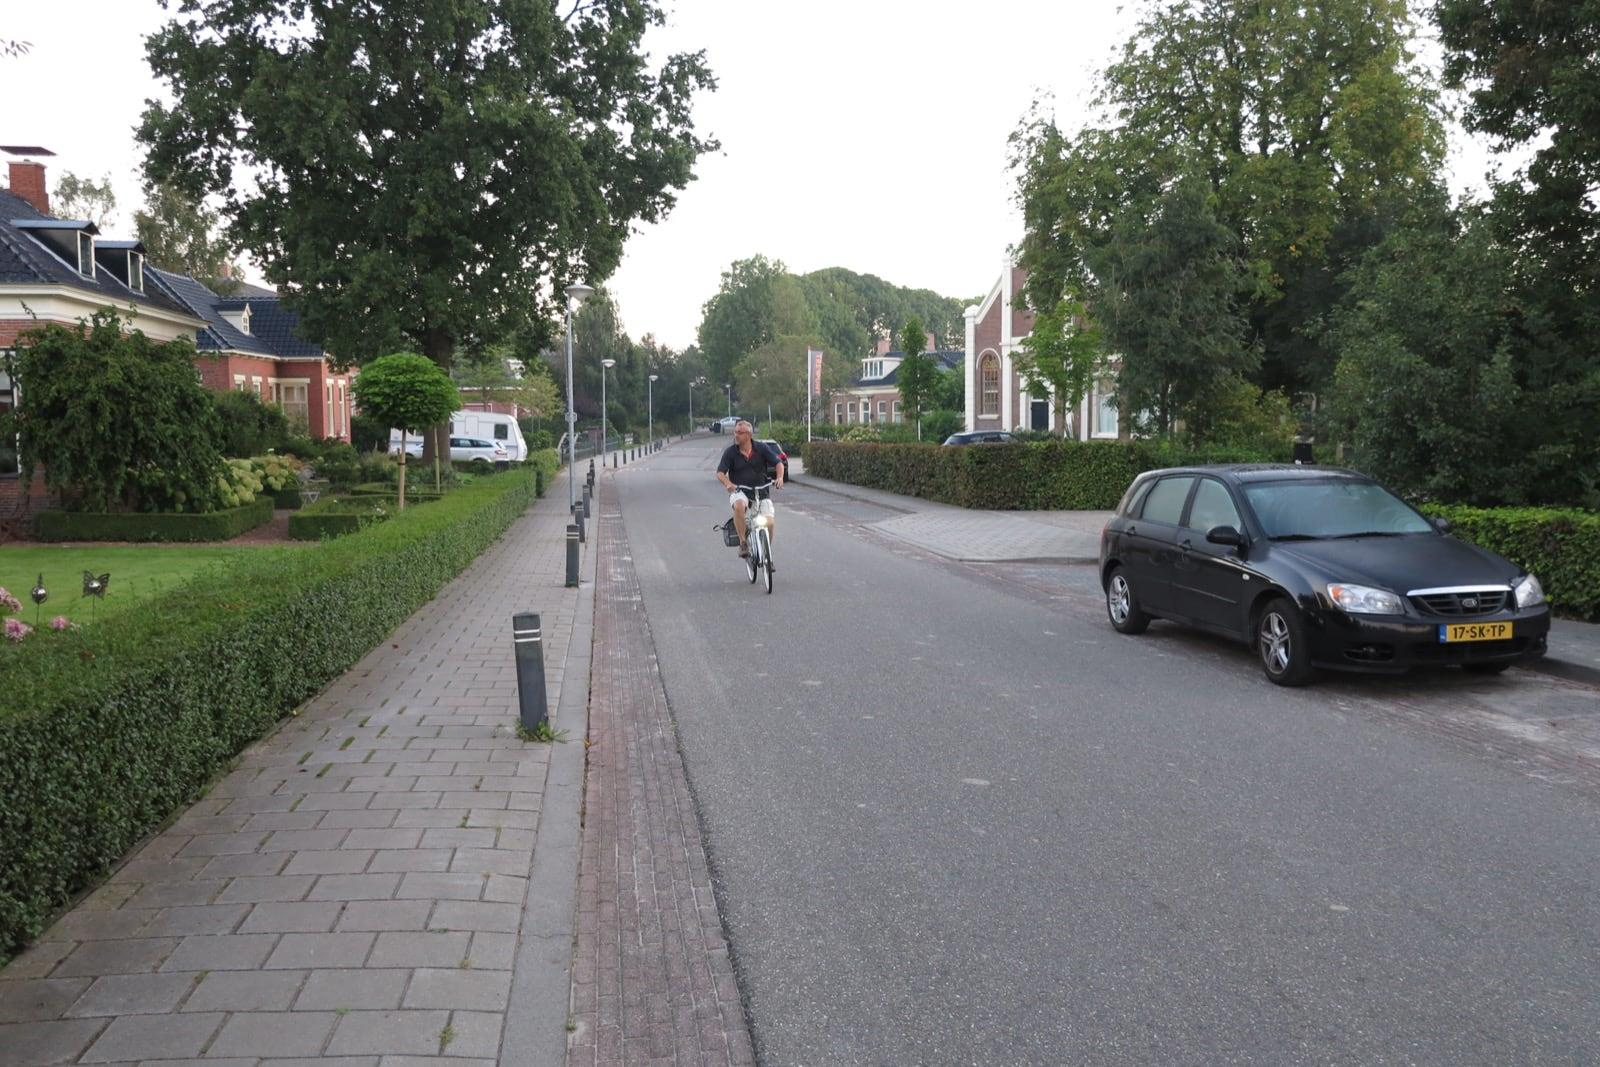 et-fiets-en-fietser-68-kor-van-zanten-oi.jpg